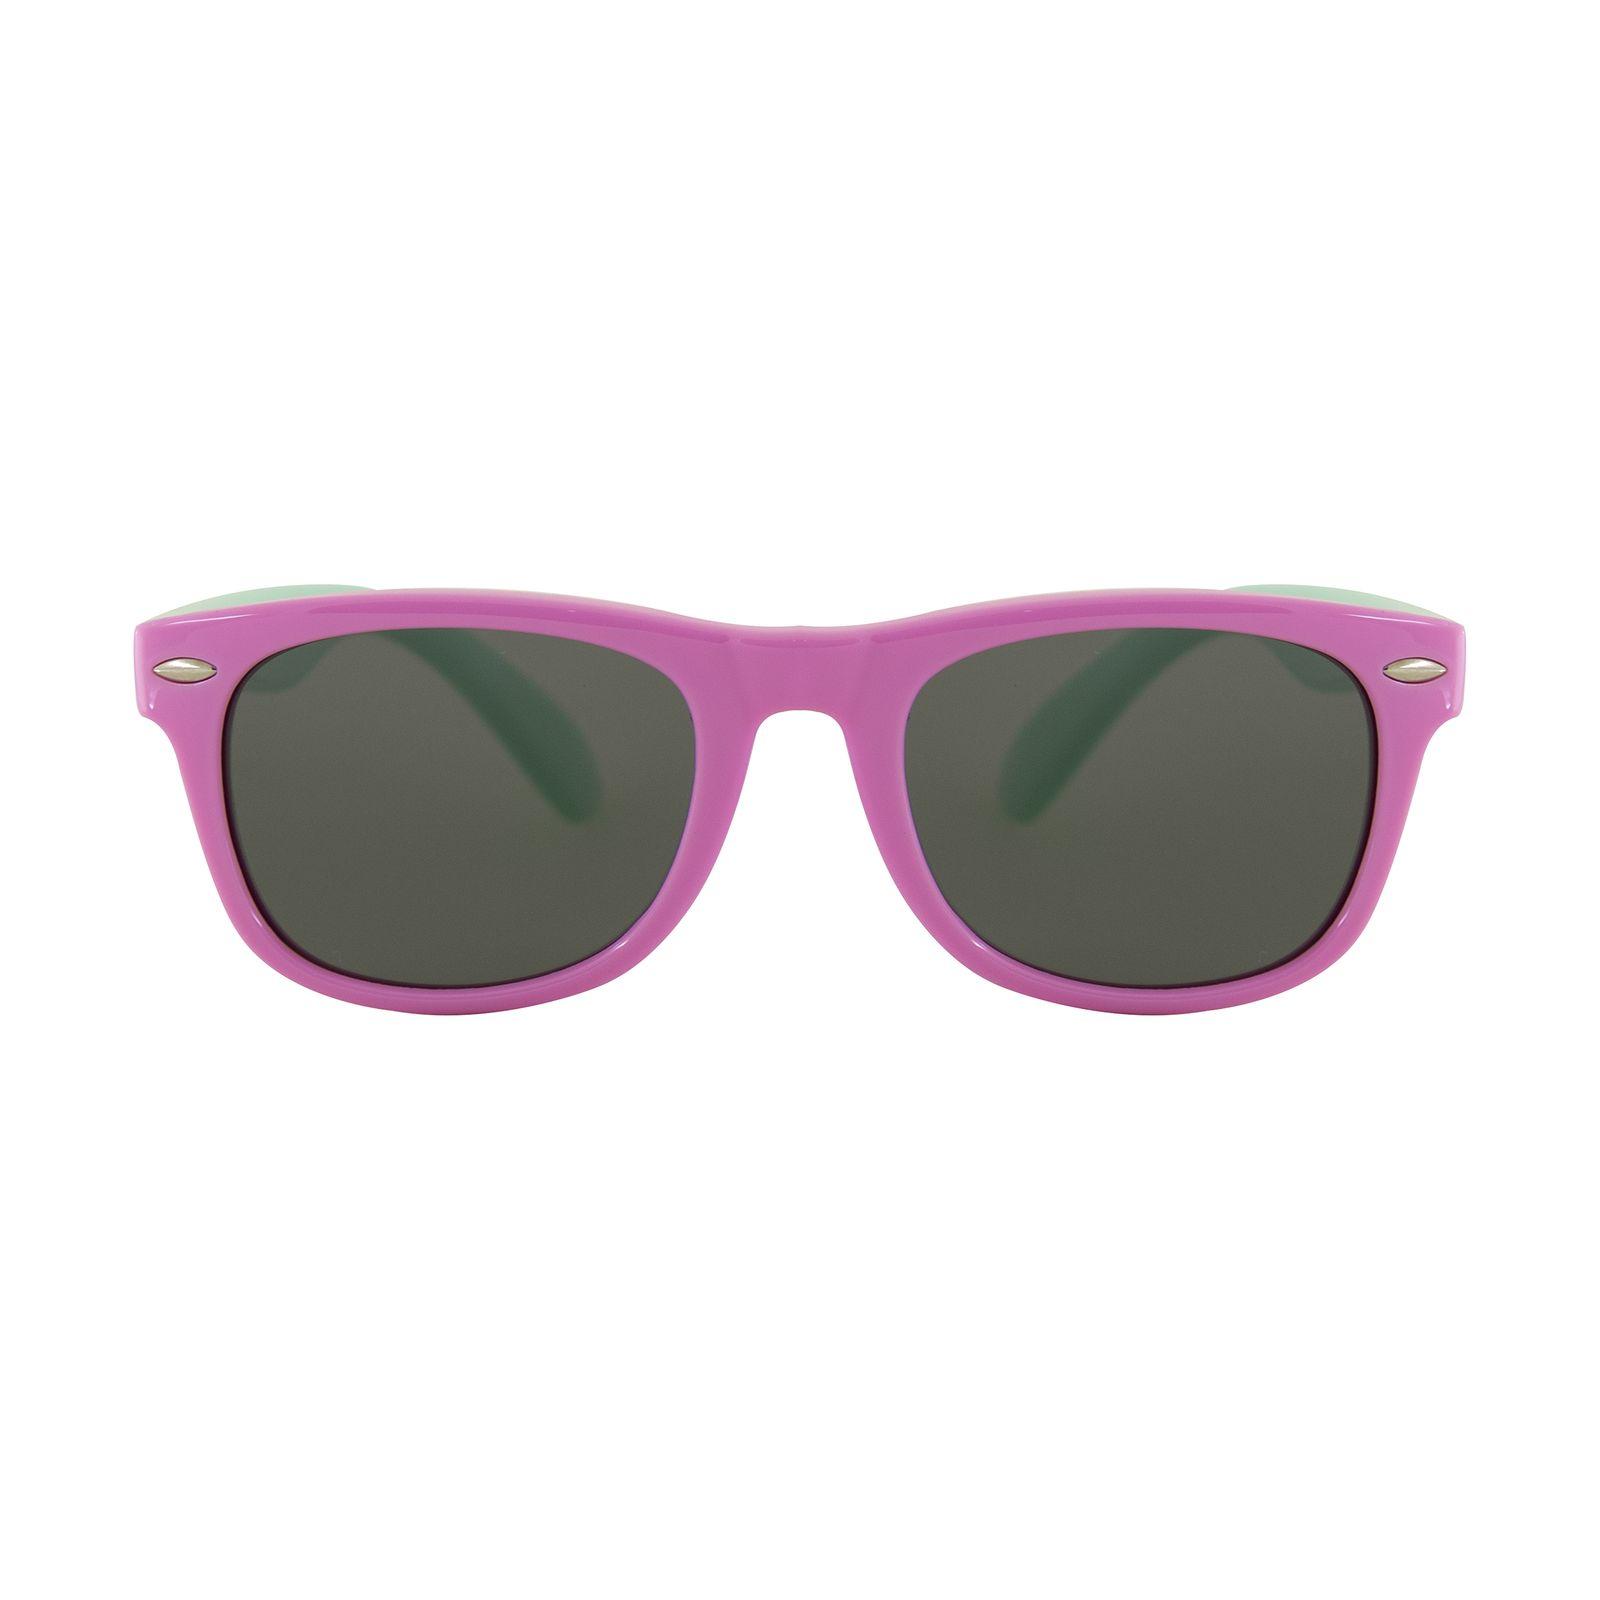 عینک آفتابی پسرانه مدل ۵۷۴۳۲۶ -  - 2